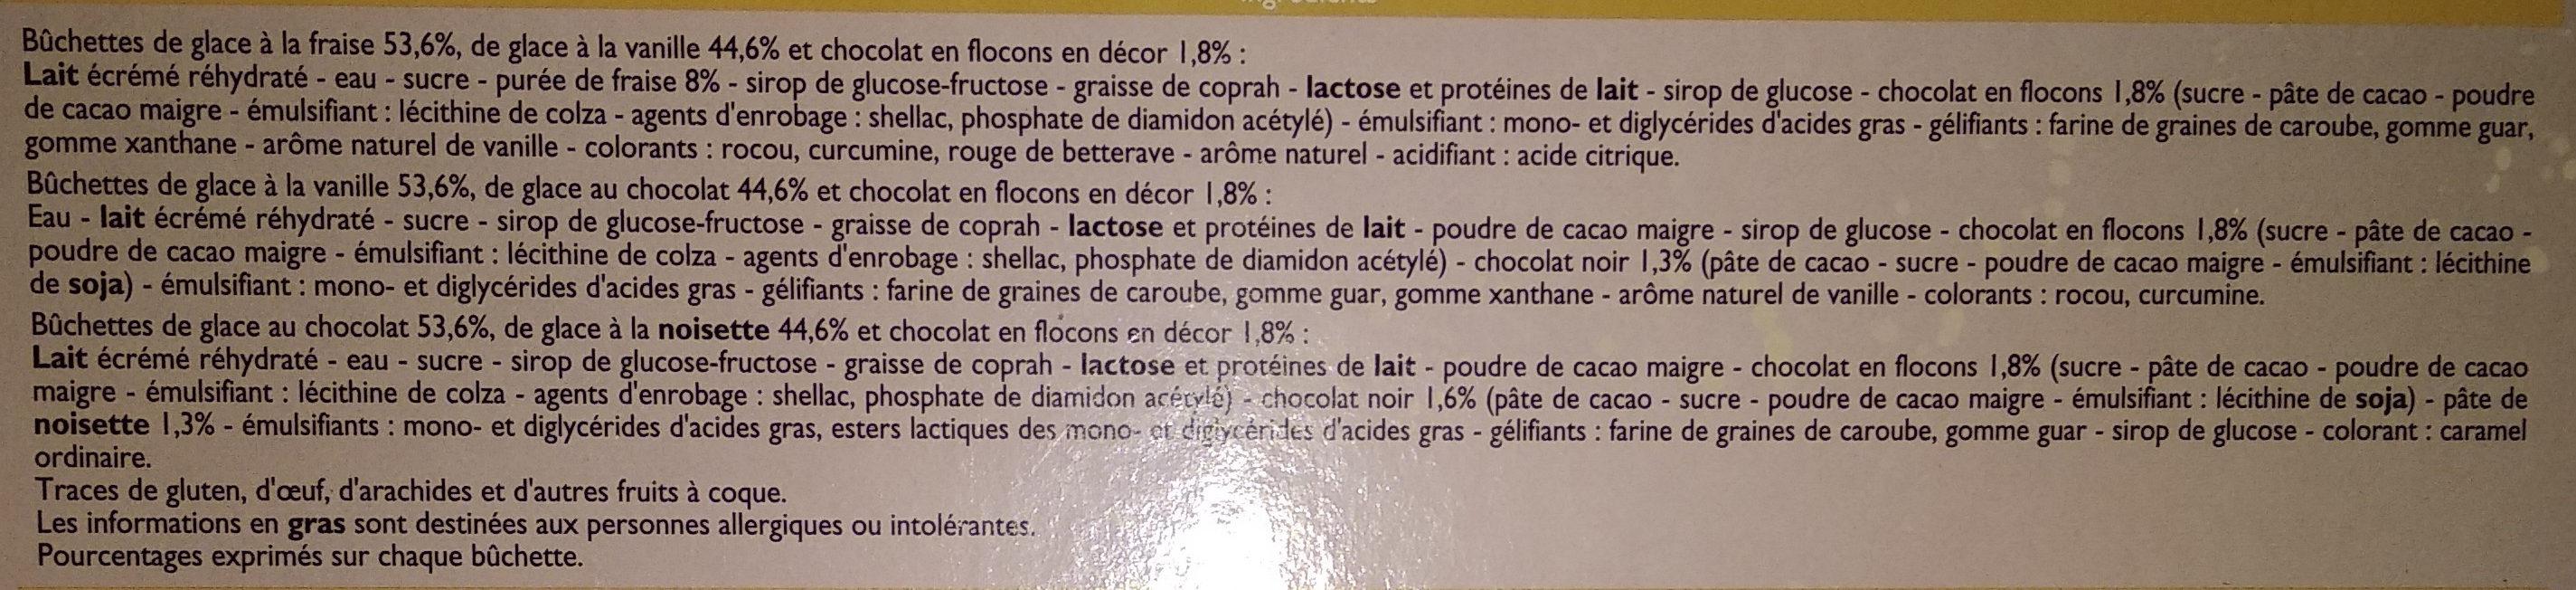 6 bûchettes glacées - Ingrédients - fr